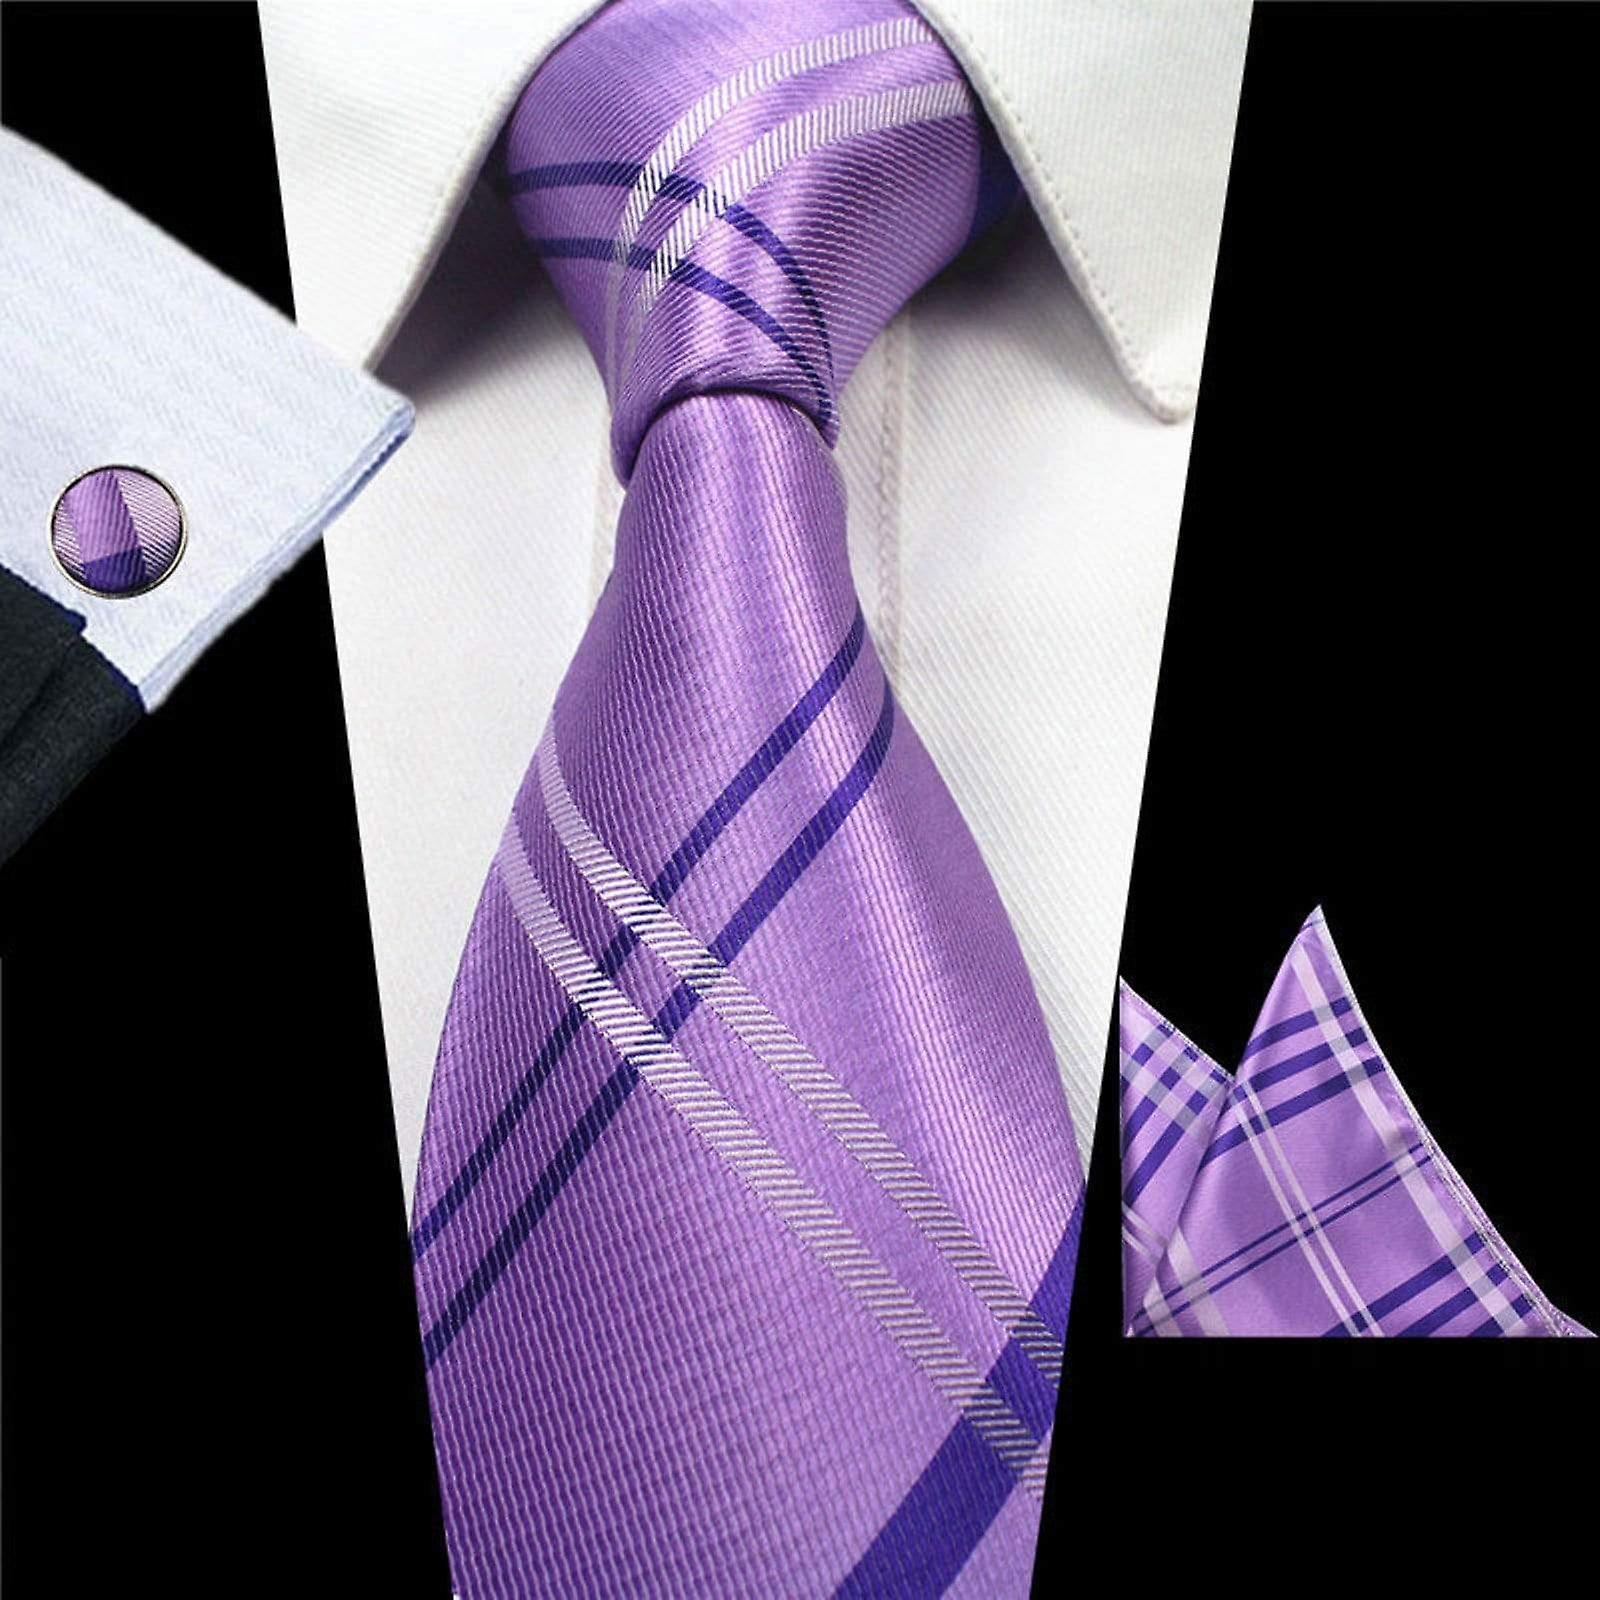 Purple & white cross necktie cuff link & pocket square